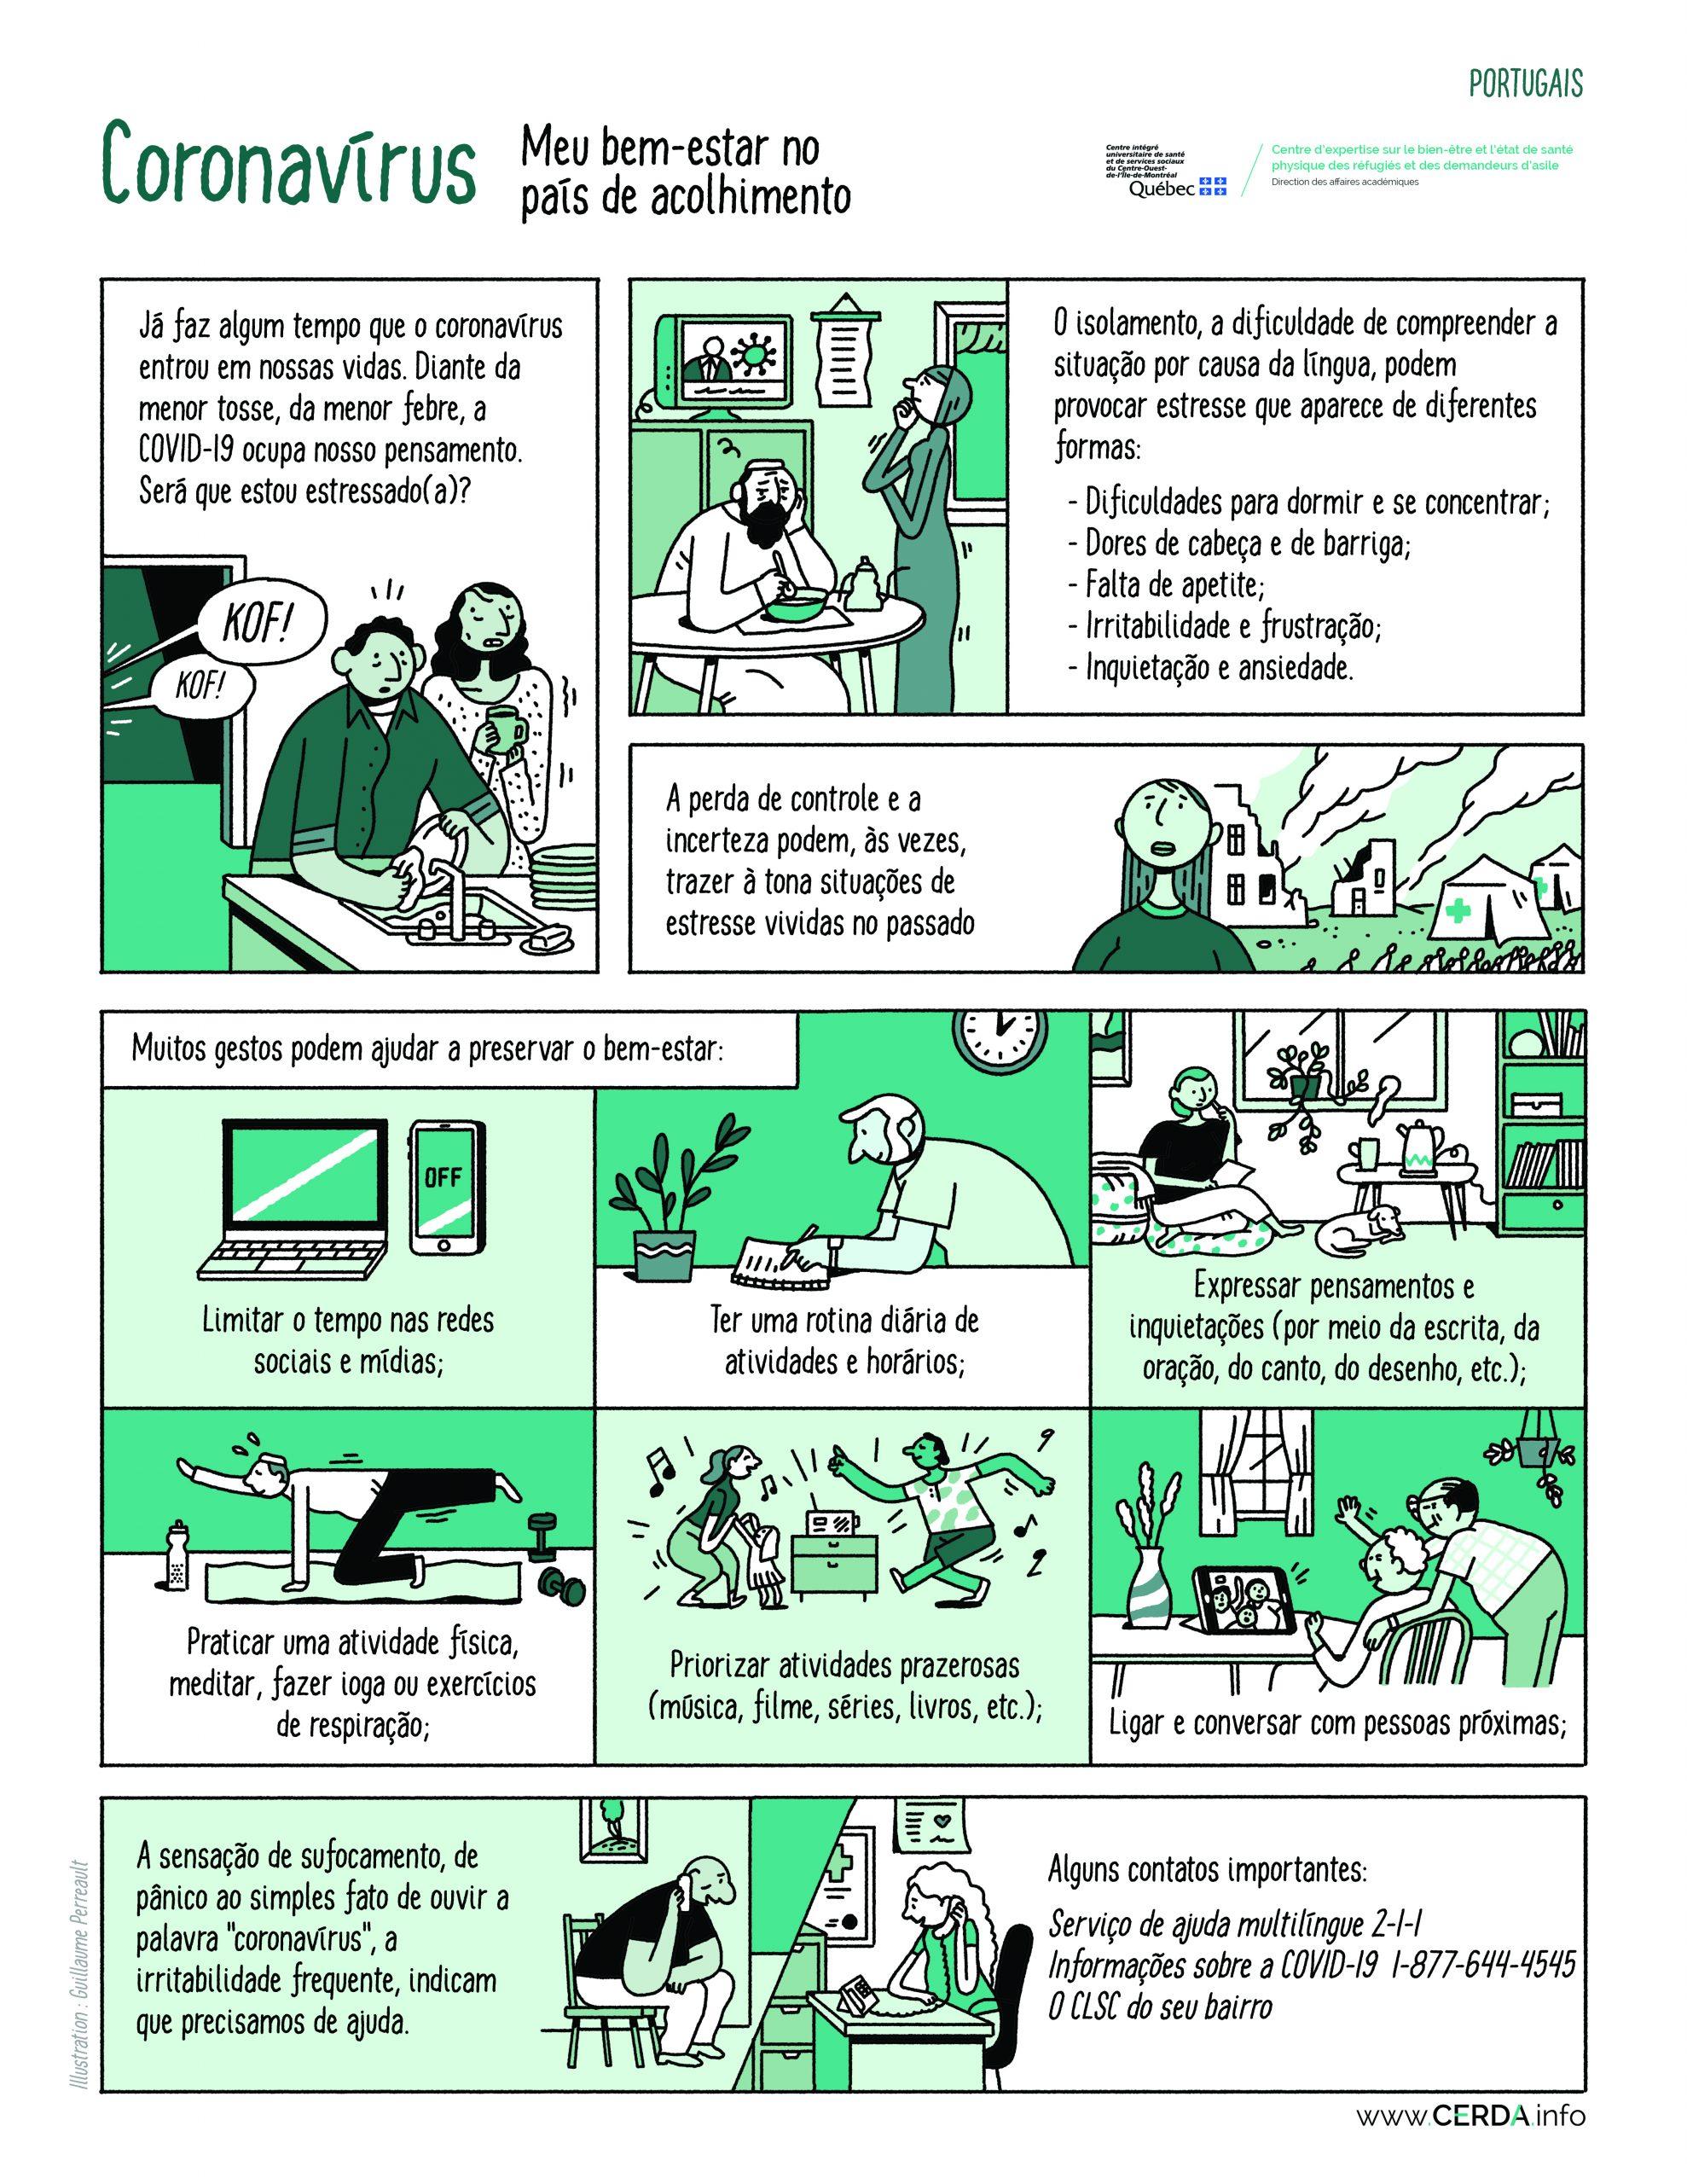 BD - Coronavirus, mon bien-être en terre d'accueil - Portugais